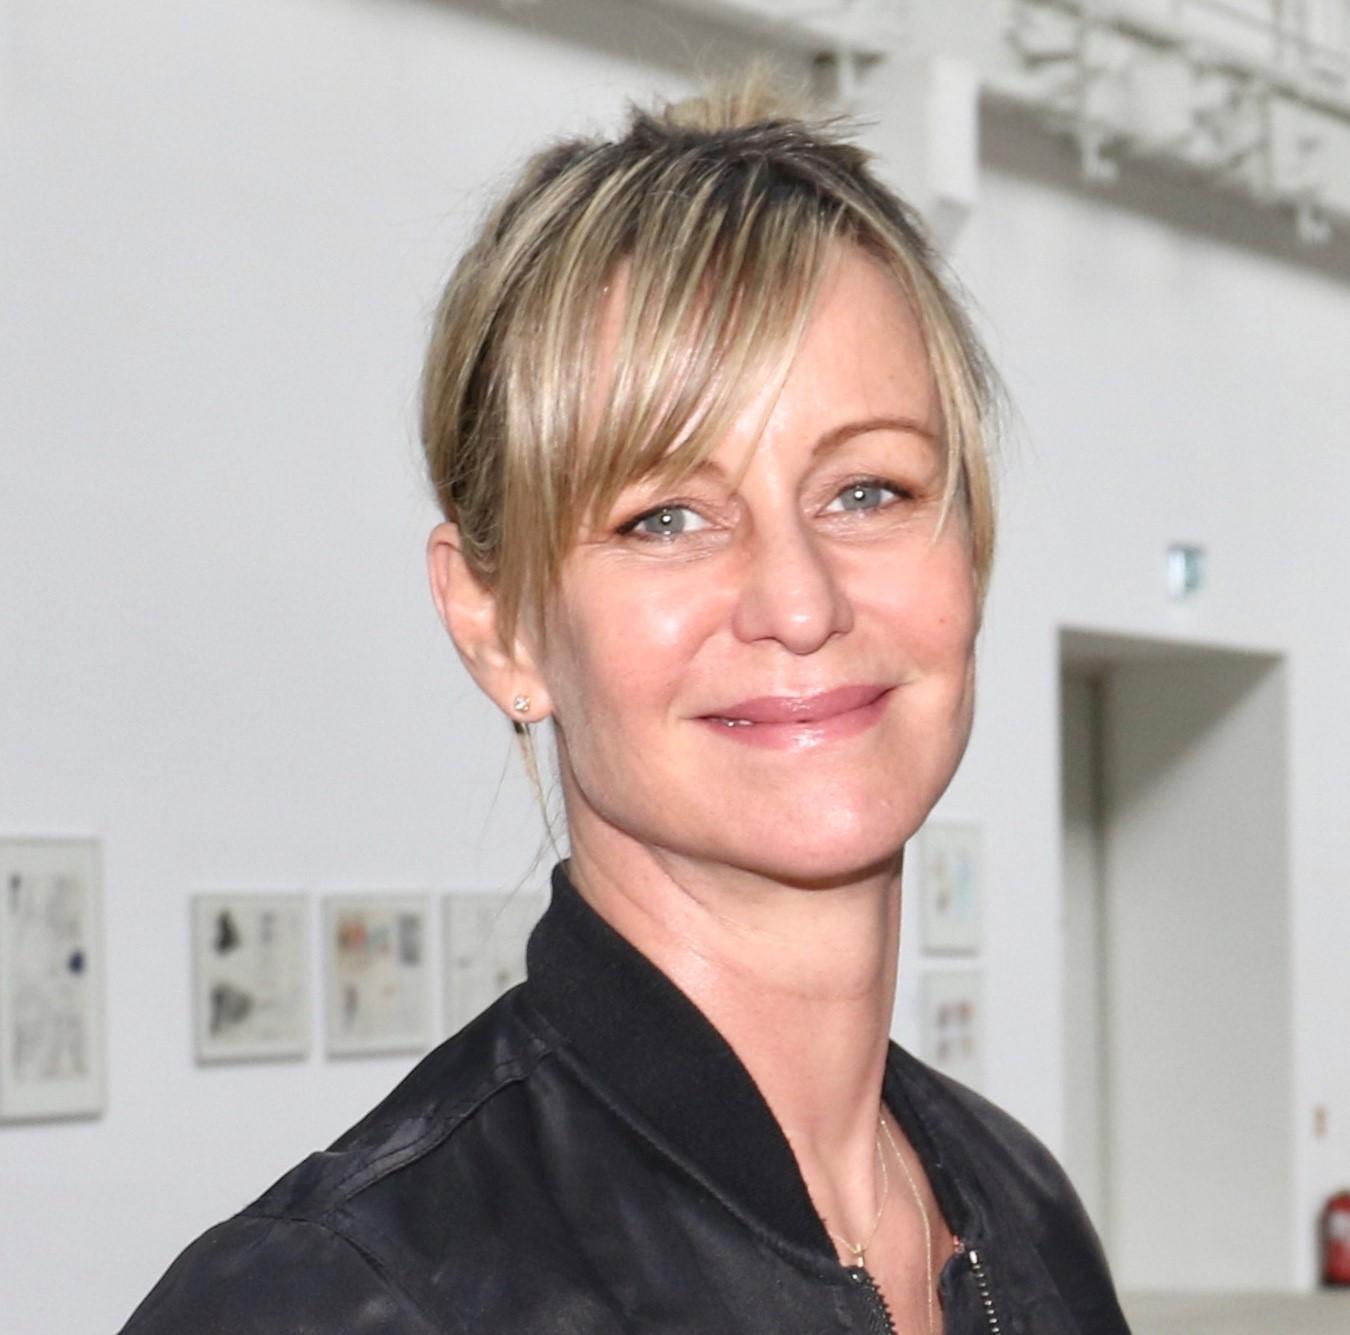 """Meisterklasse mit Autorin und Regisseurin Aelrun Goette – """"Nah an der Wirklichkeit, radikal im Blick"""""""